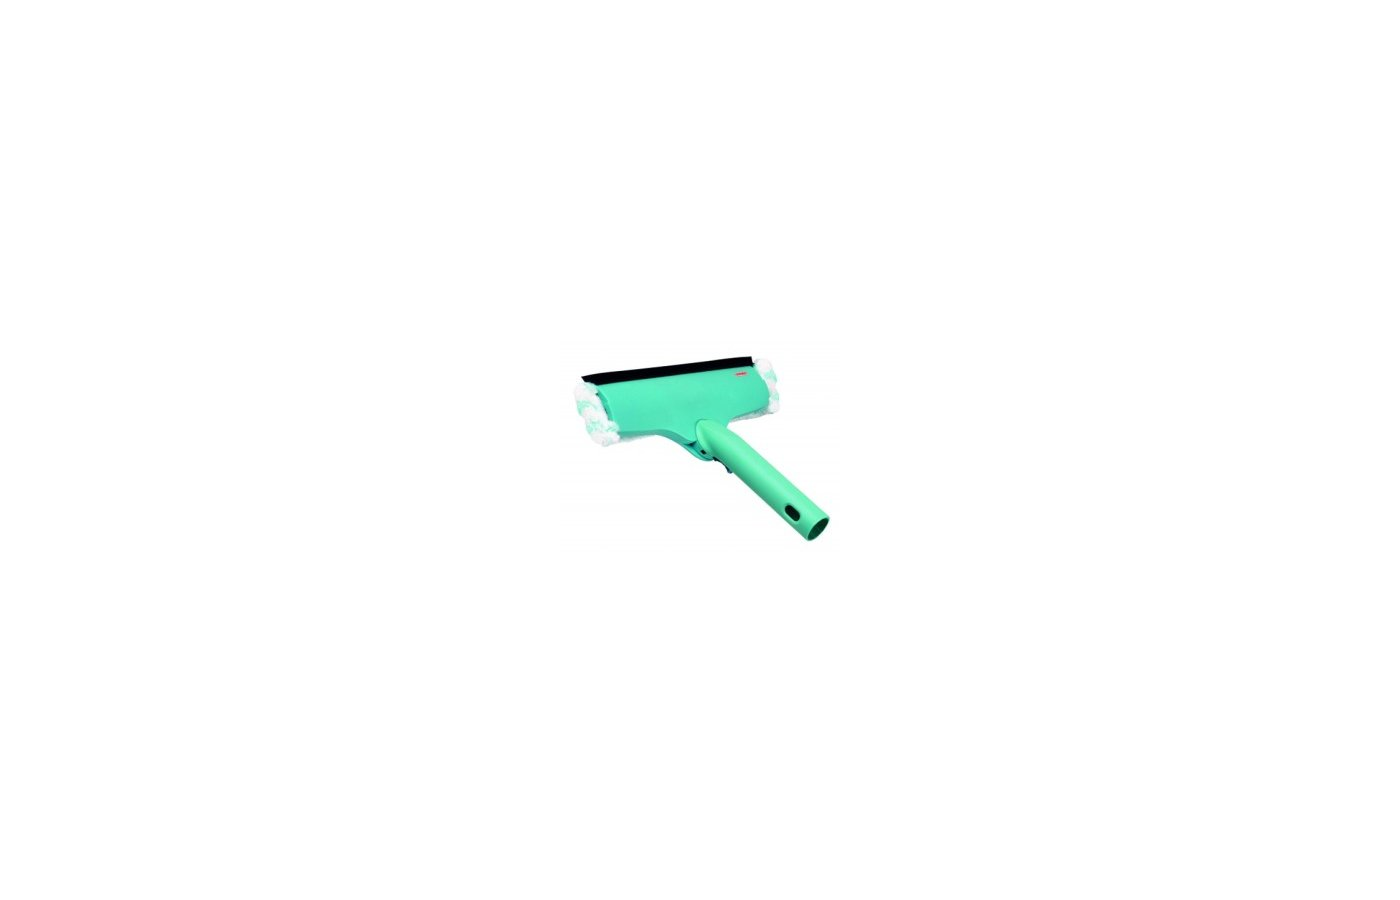 Инвентарь для уборки LEIFHEIT Убор HAUSREIN Щетка для окон 3в1 51320